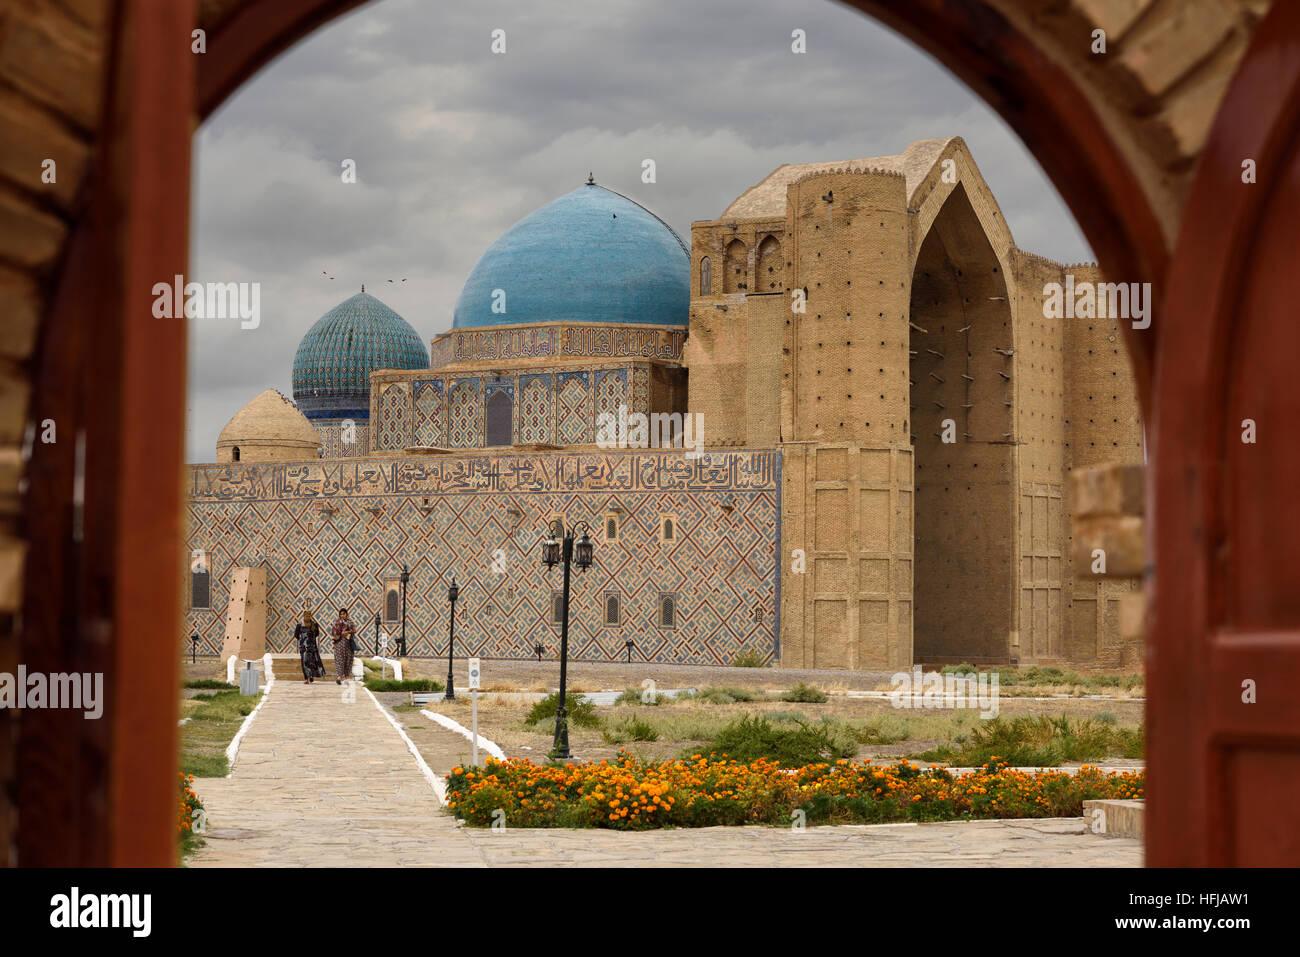 Mausolée de Khoja Ahmad Yasawi à travers les portes de l'architectural museum Turkestan Kazakhstan Photo Stock